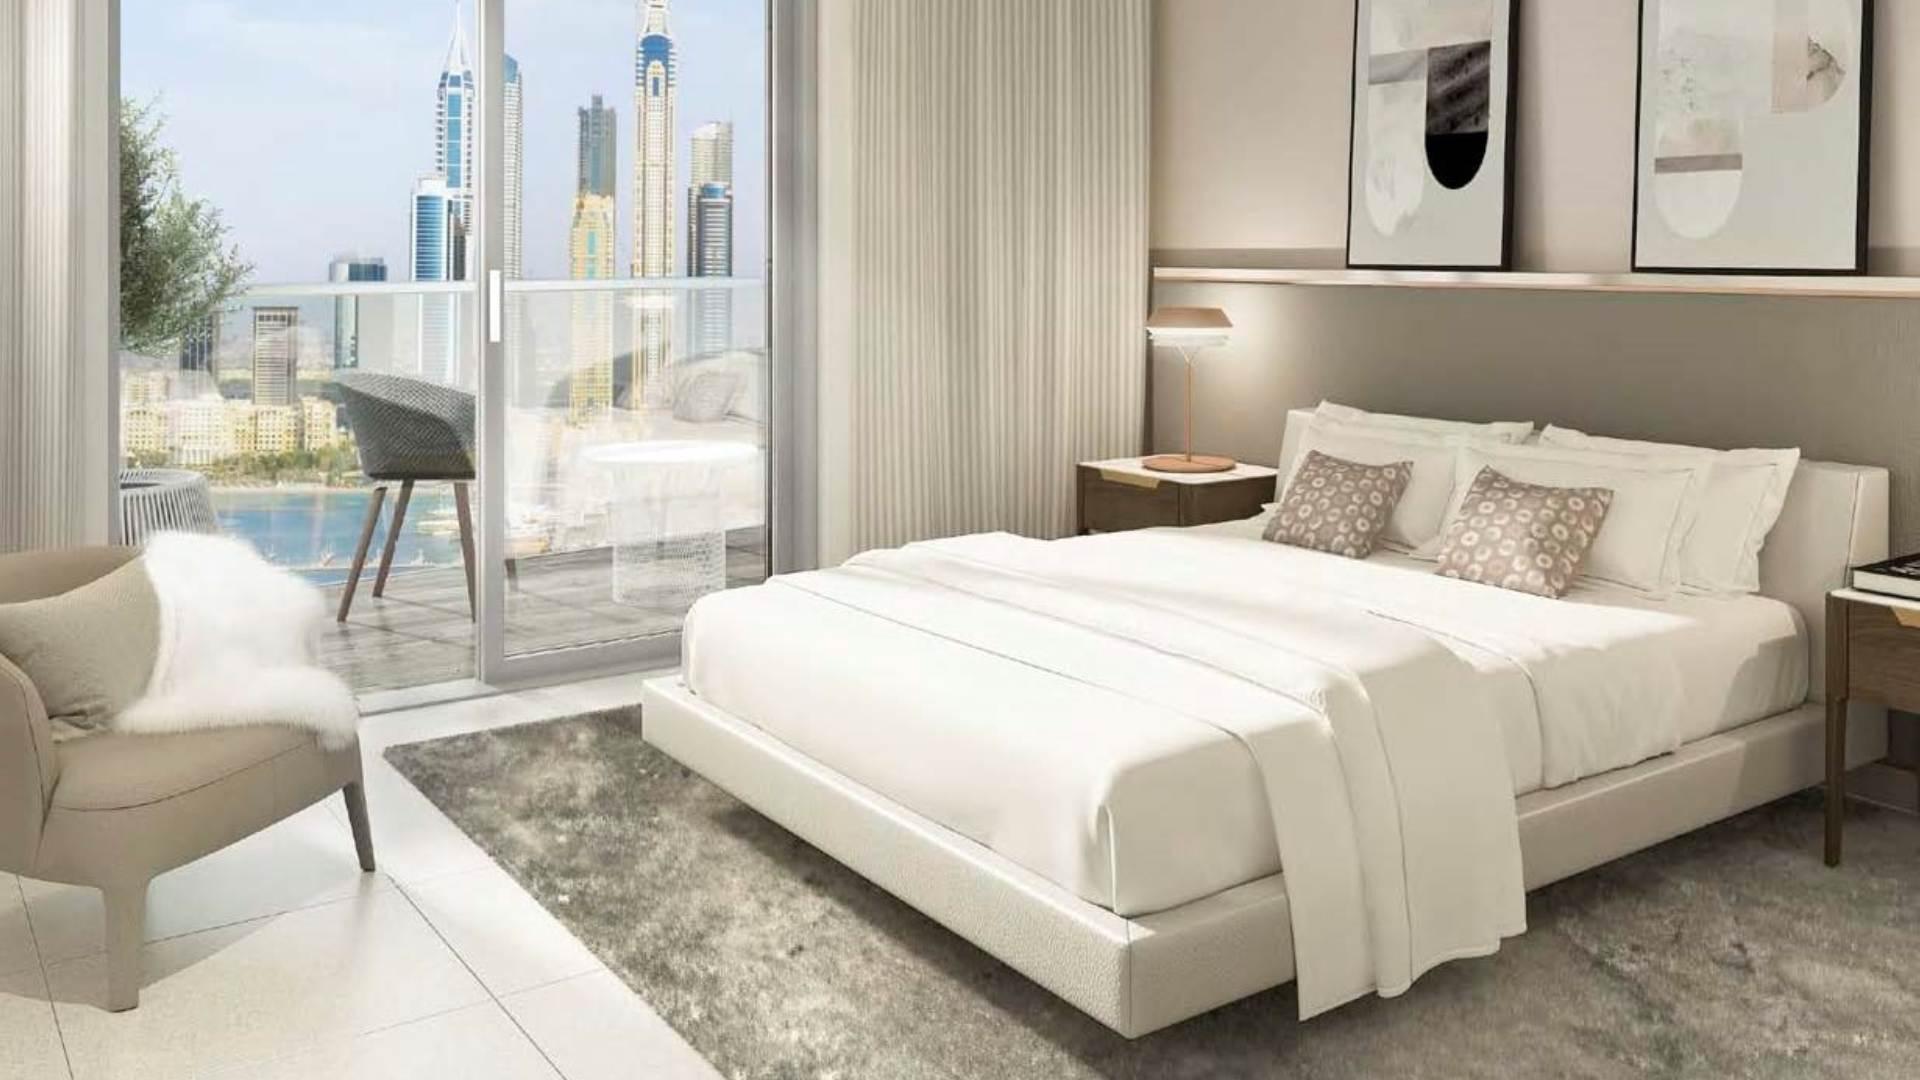 Apartment for sale in Dubai, UAE, 1 bedroom, 71 m2, No. 24251 – photo 4